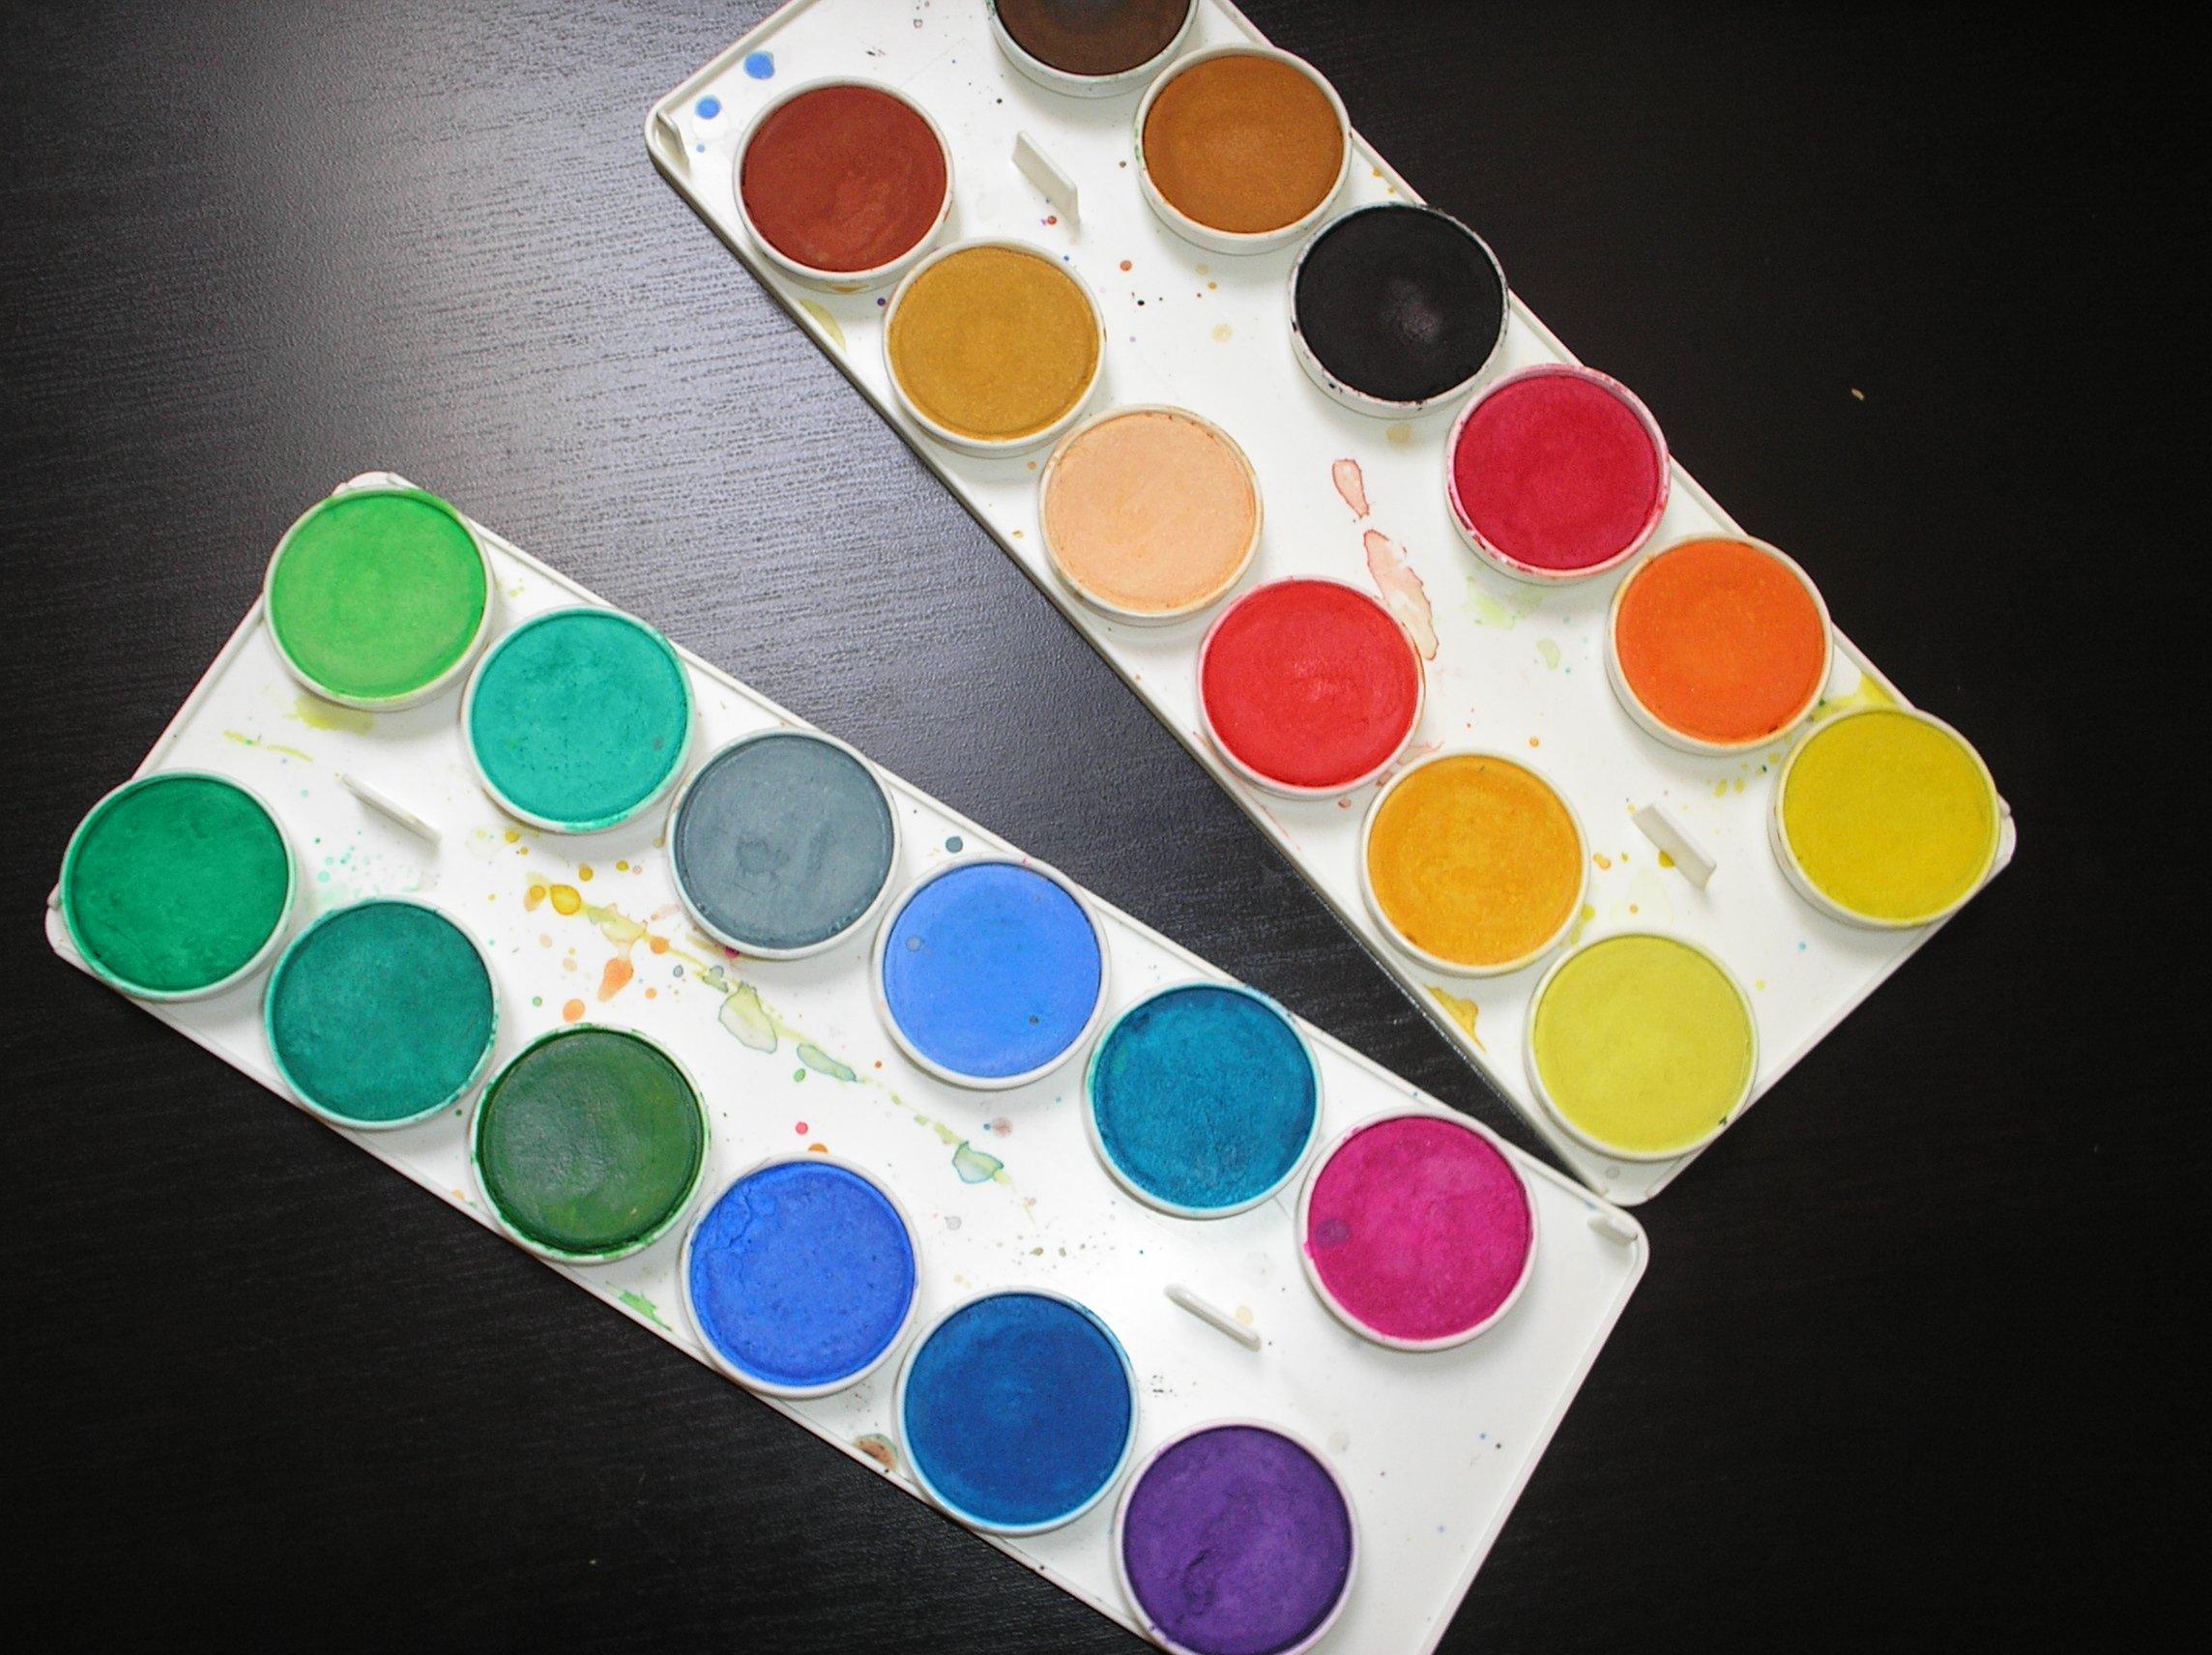 Colori In Luce Correggio i pigmenti. breve saggio sulle leggi della luce e della